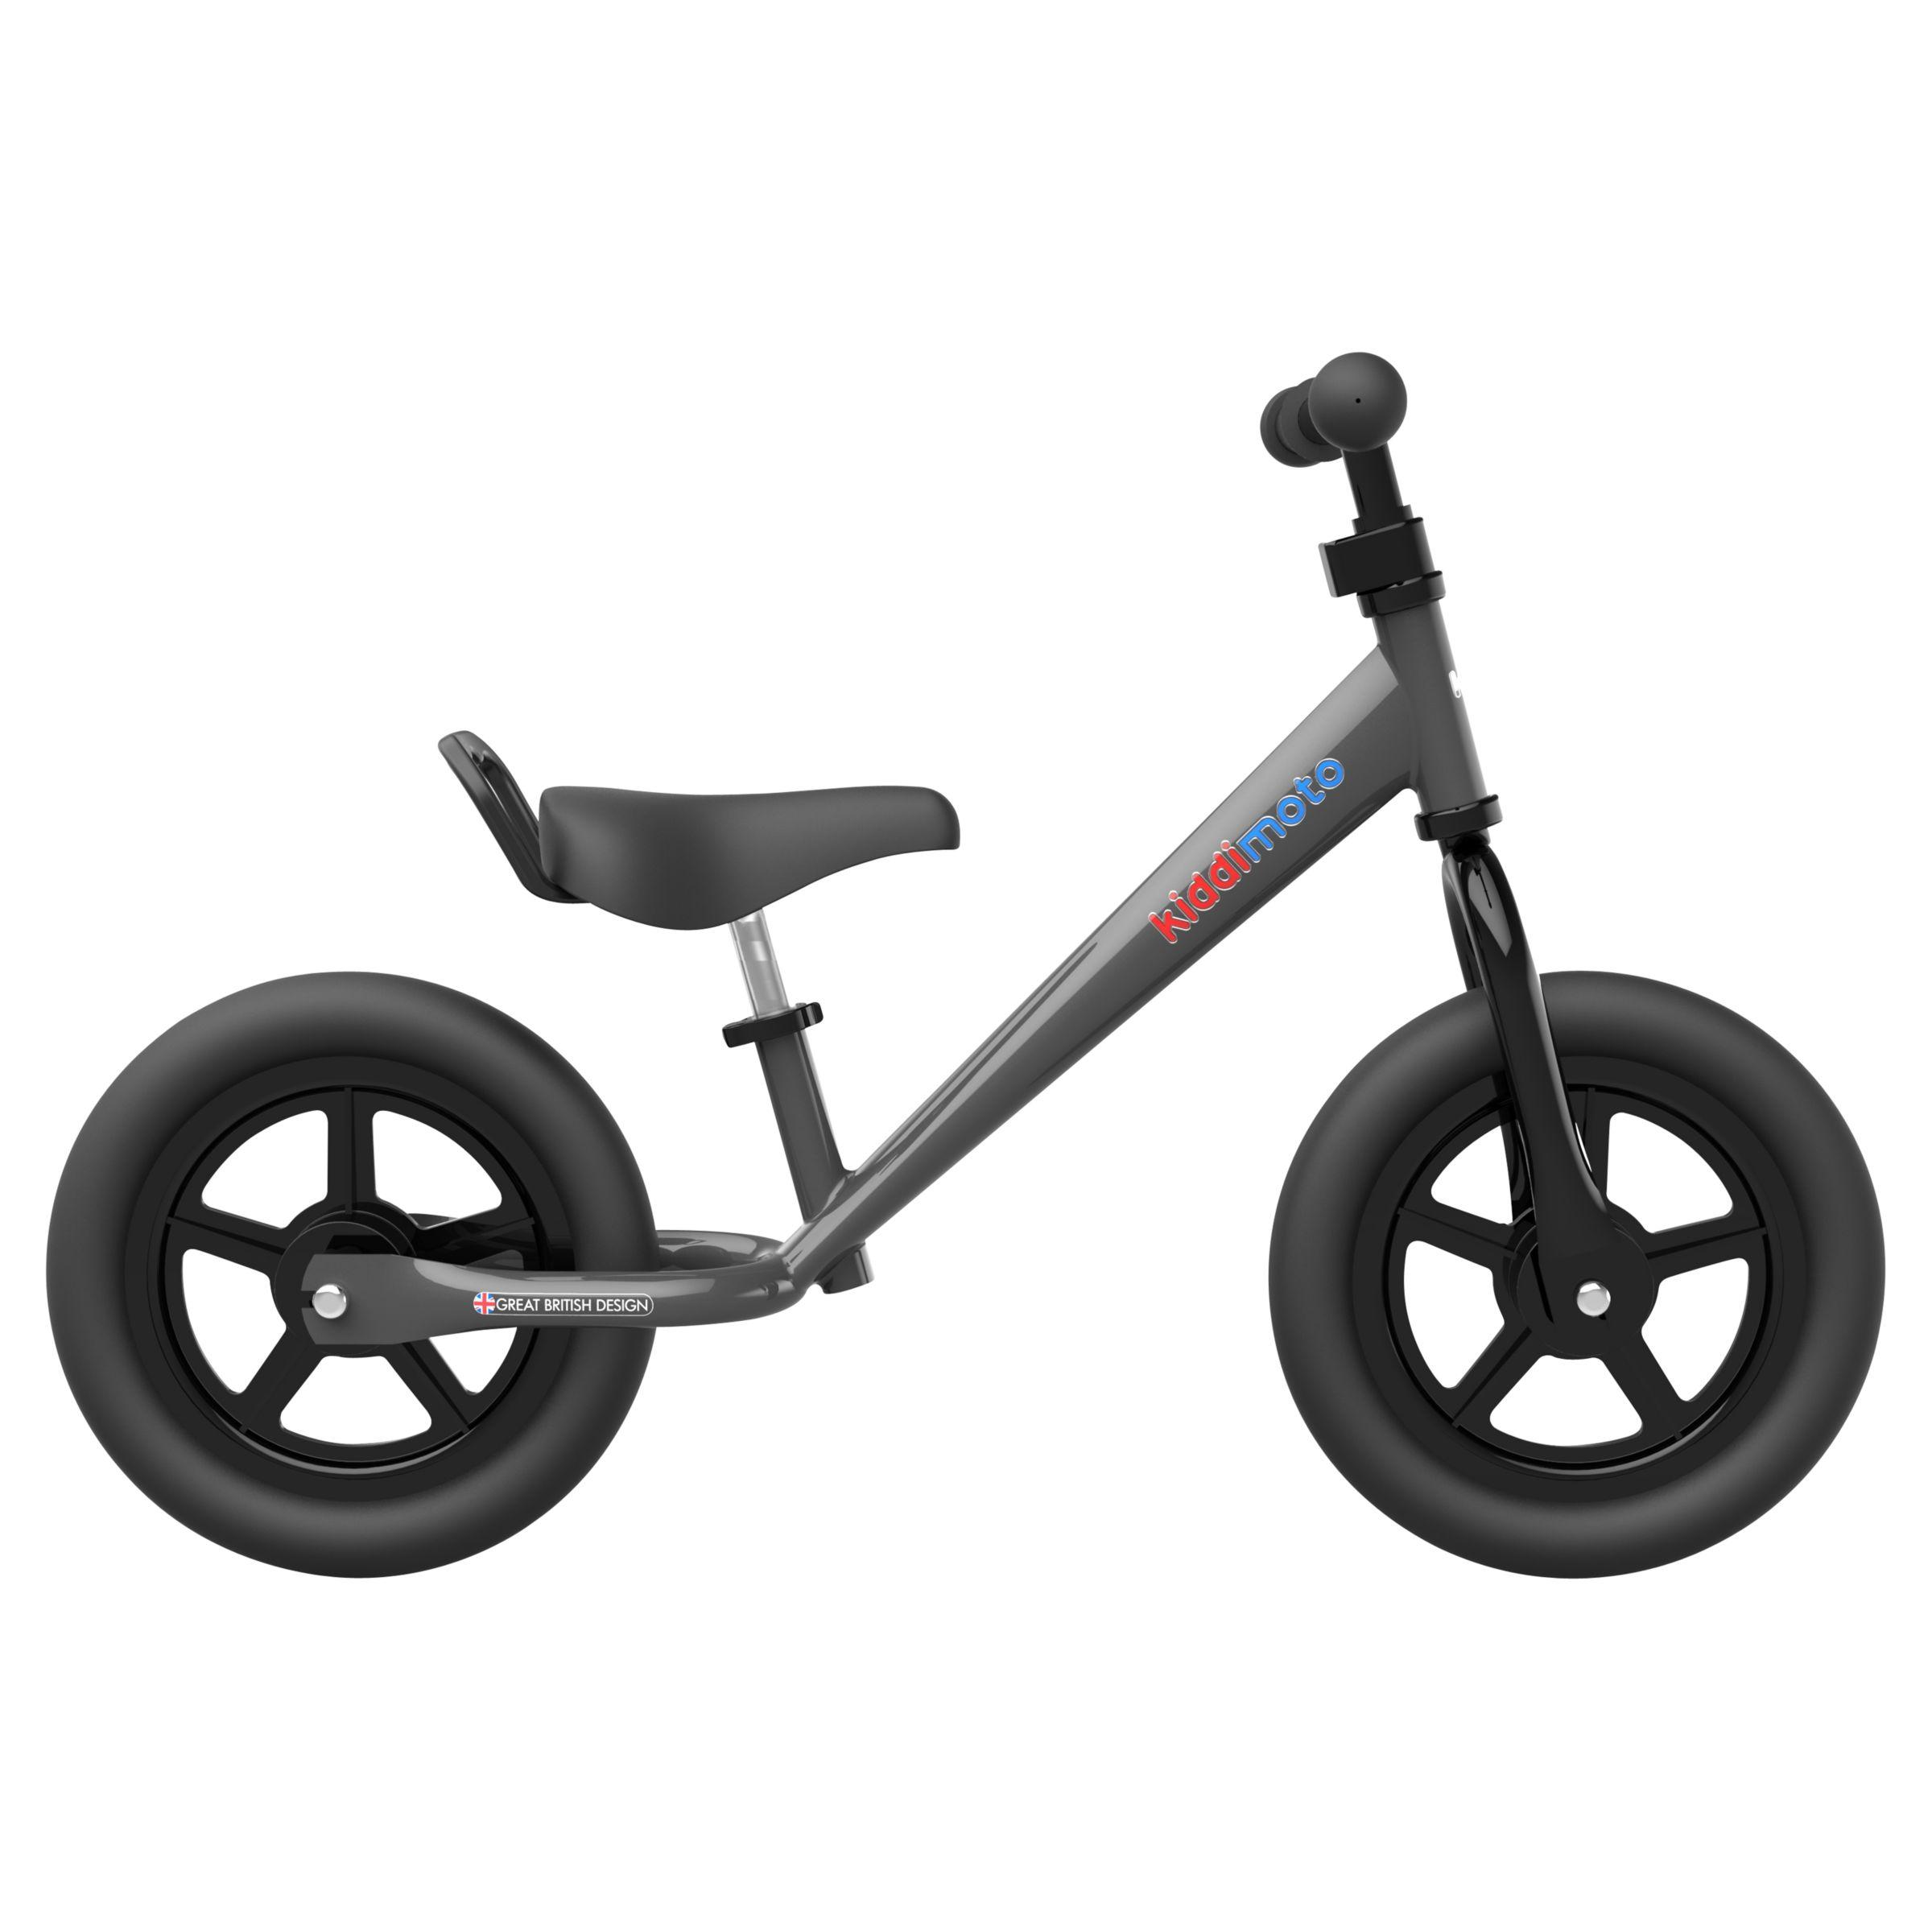 Kiddimoto Kiddimoto Super Junior Balance Bike, Black